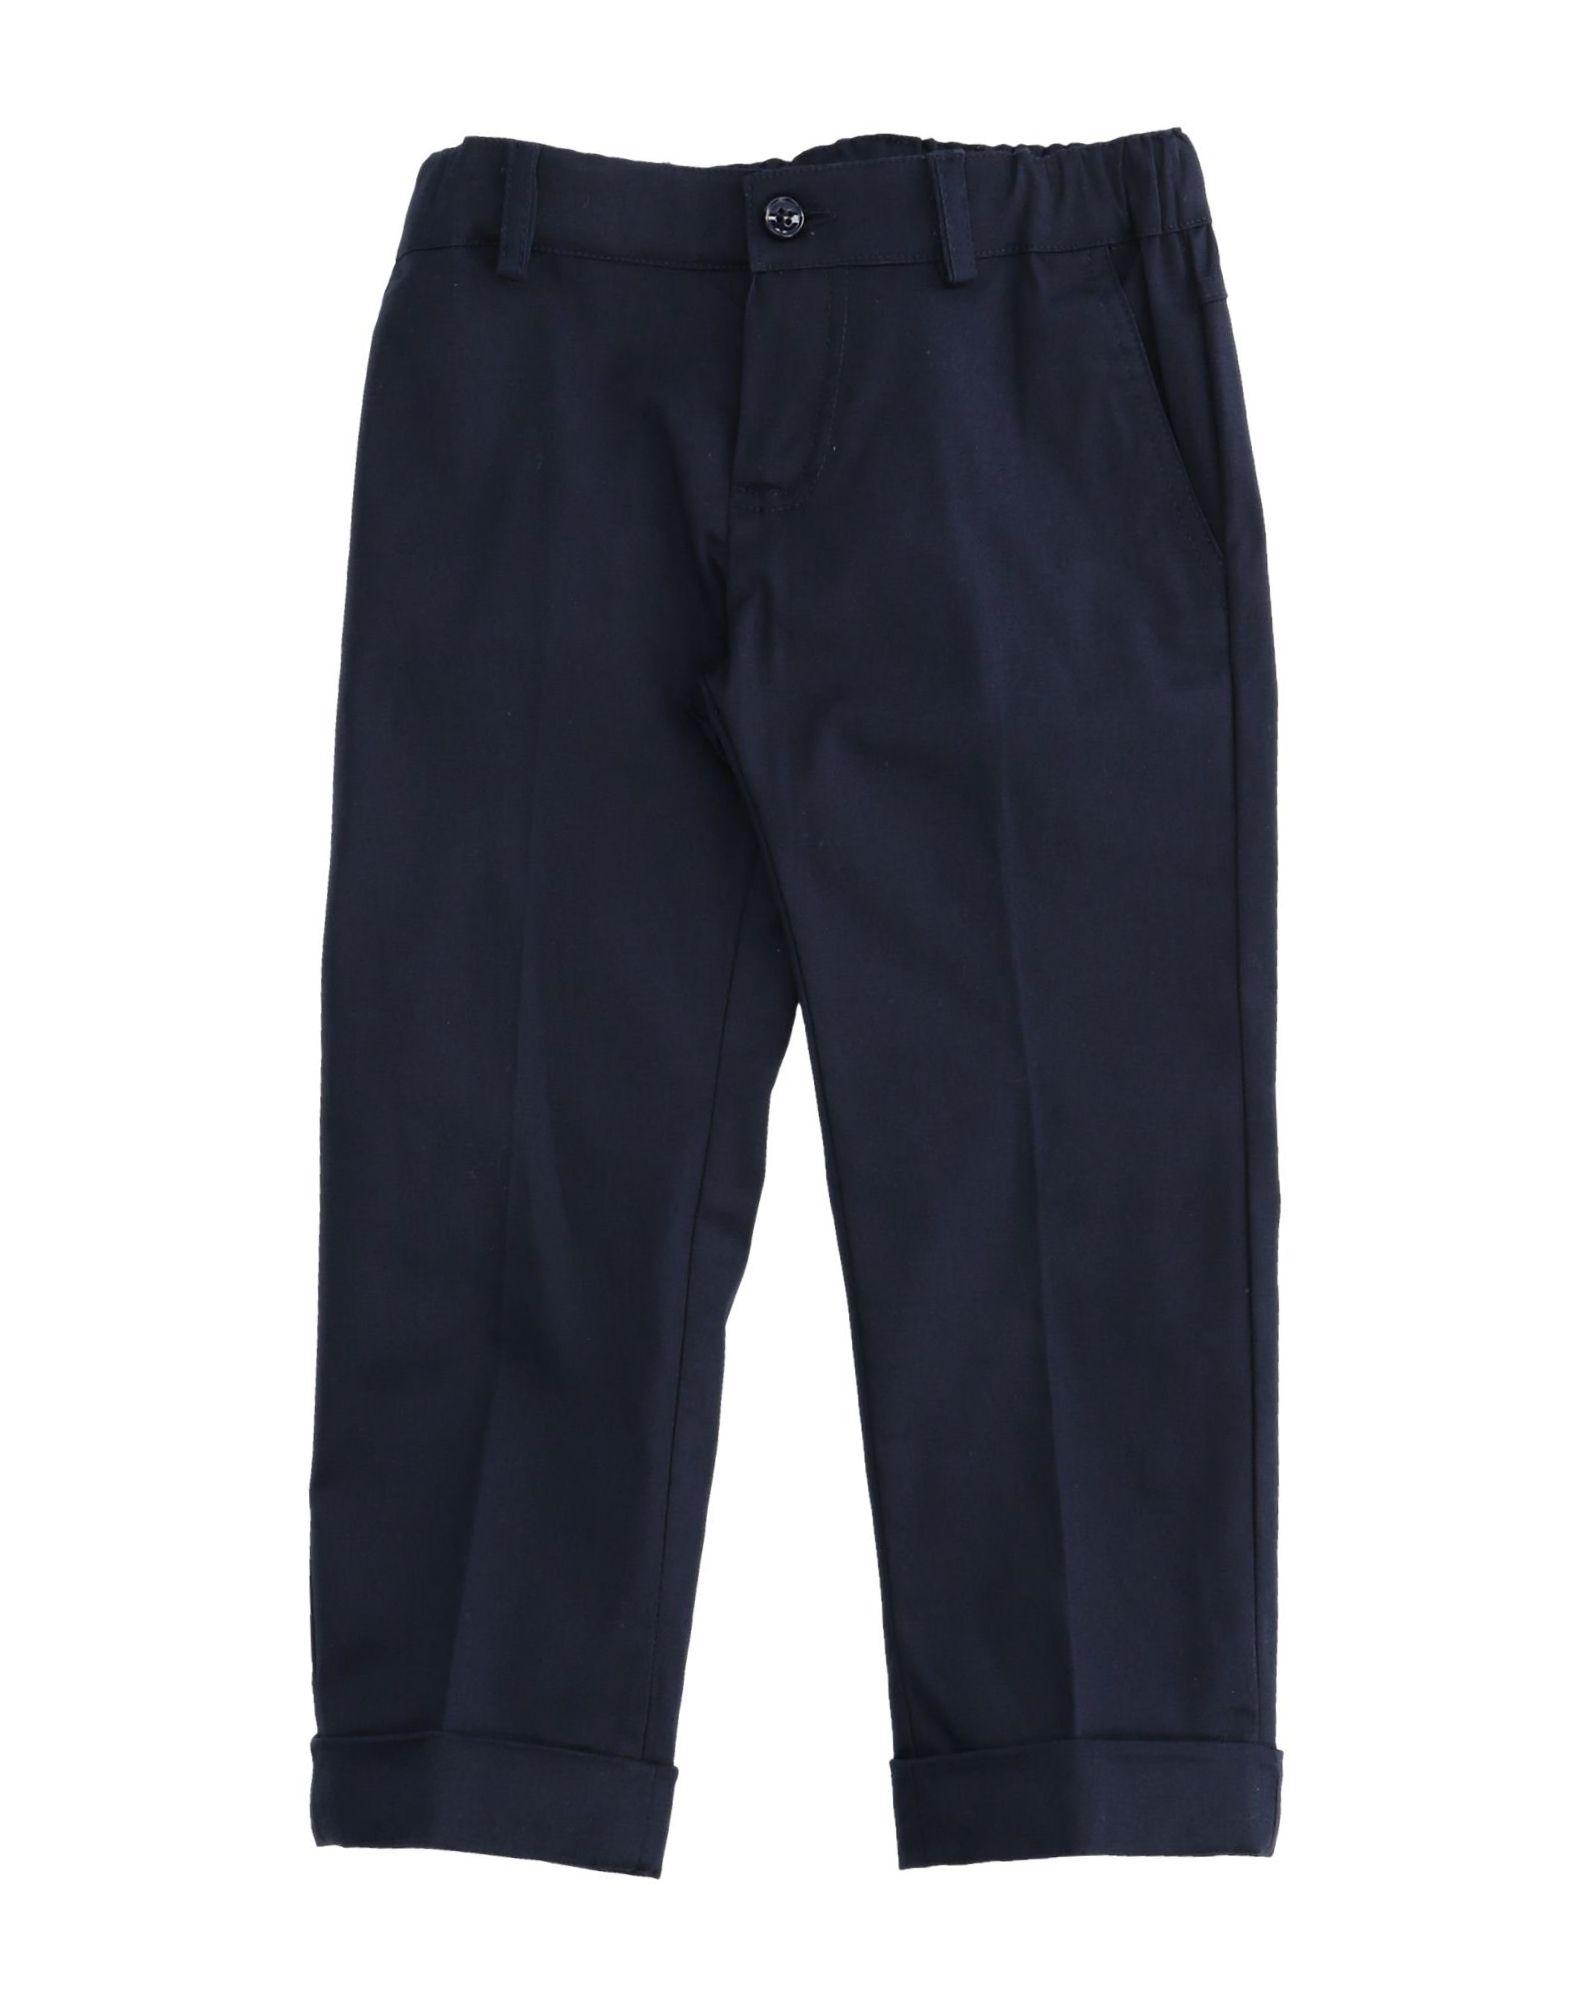 Gastone® Kids' Casual Pants In Blue